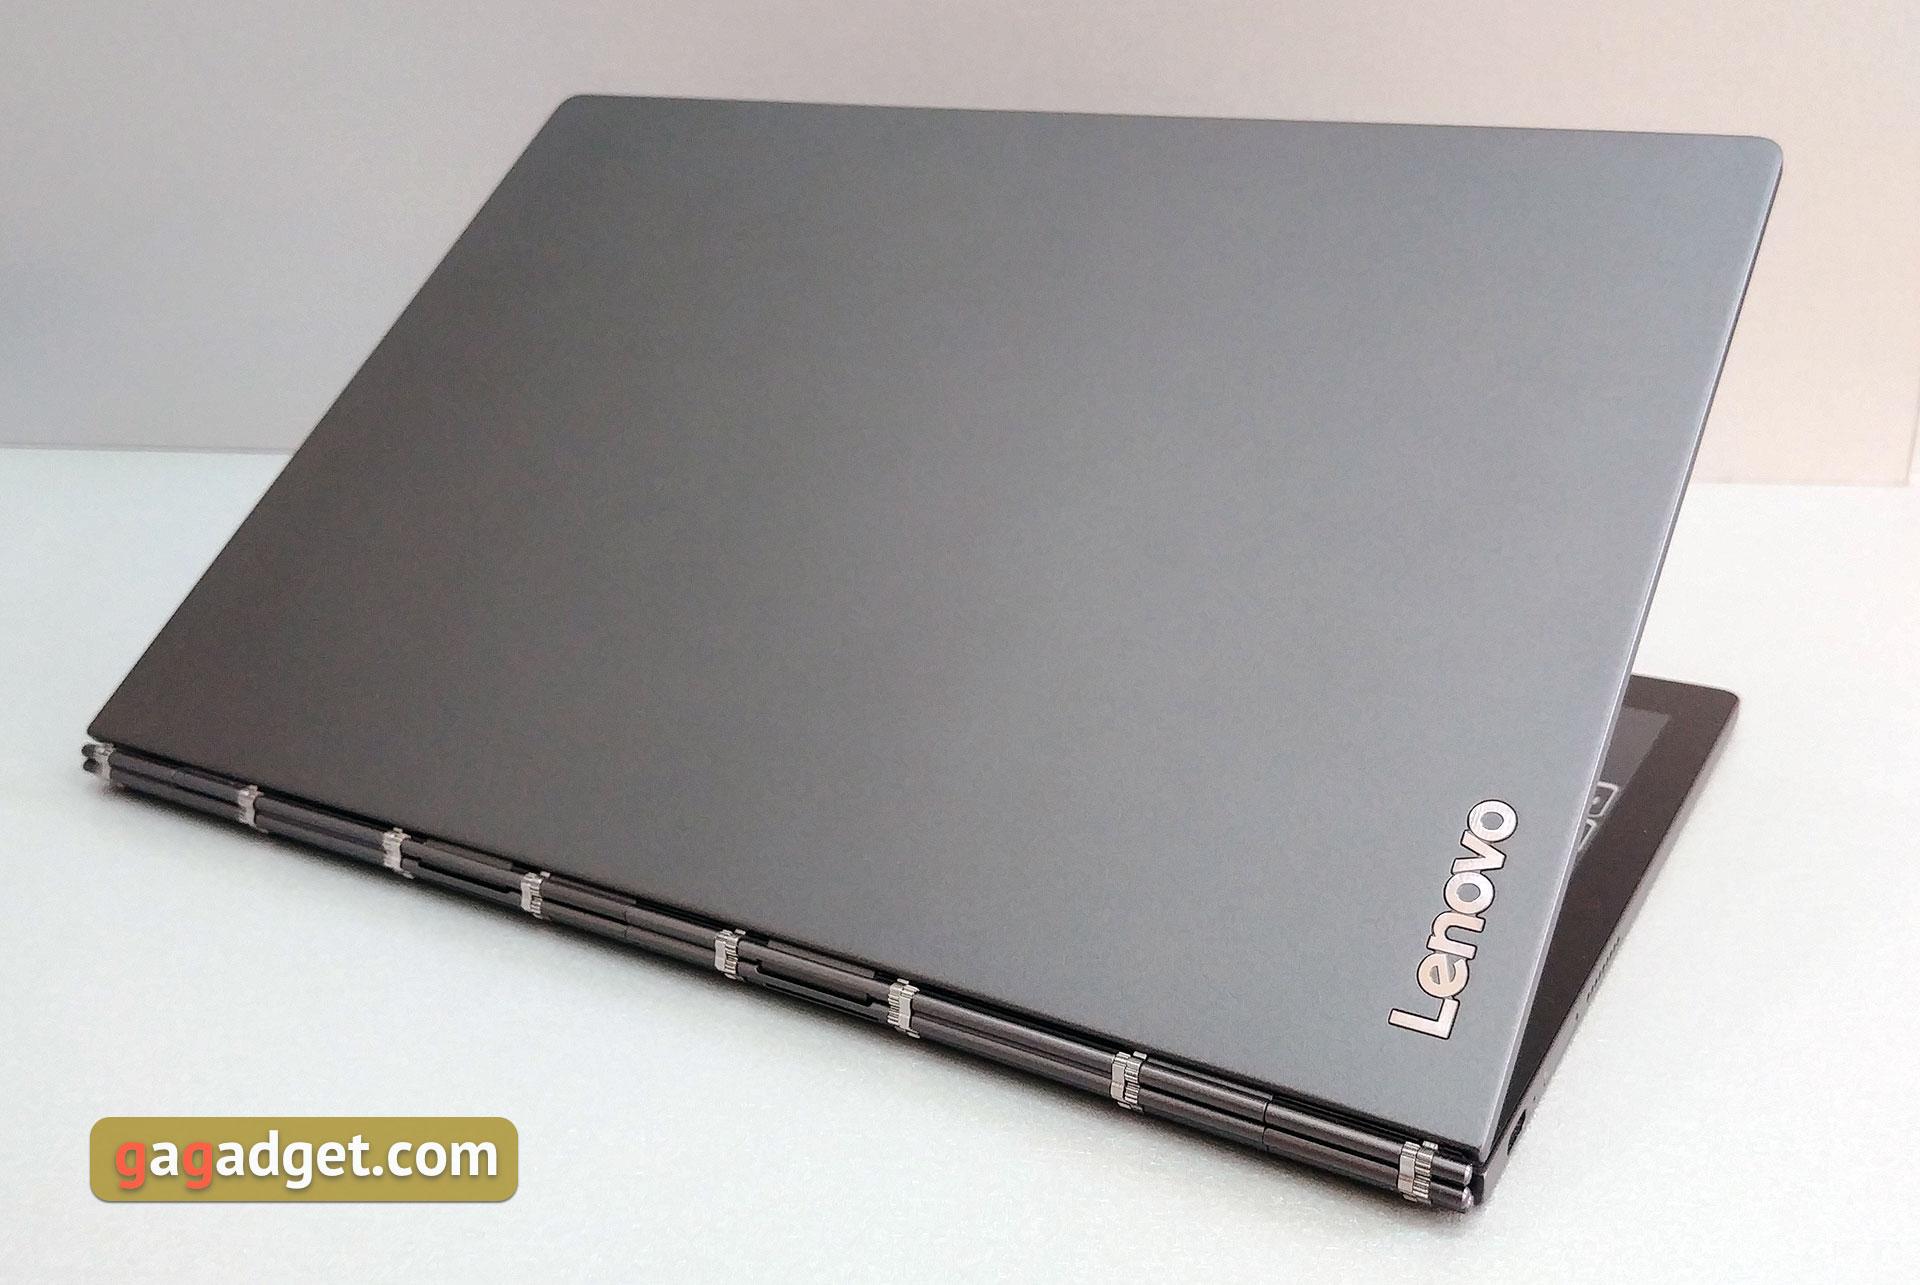 Обзор Lenovo Yoga Book C930: ноутбук-трансформер с двумя сенсорными экранами изображение